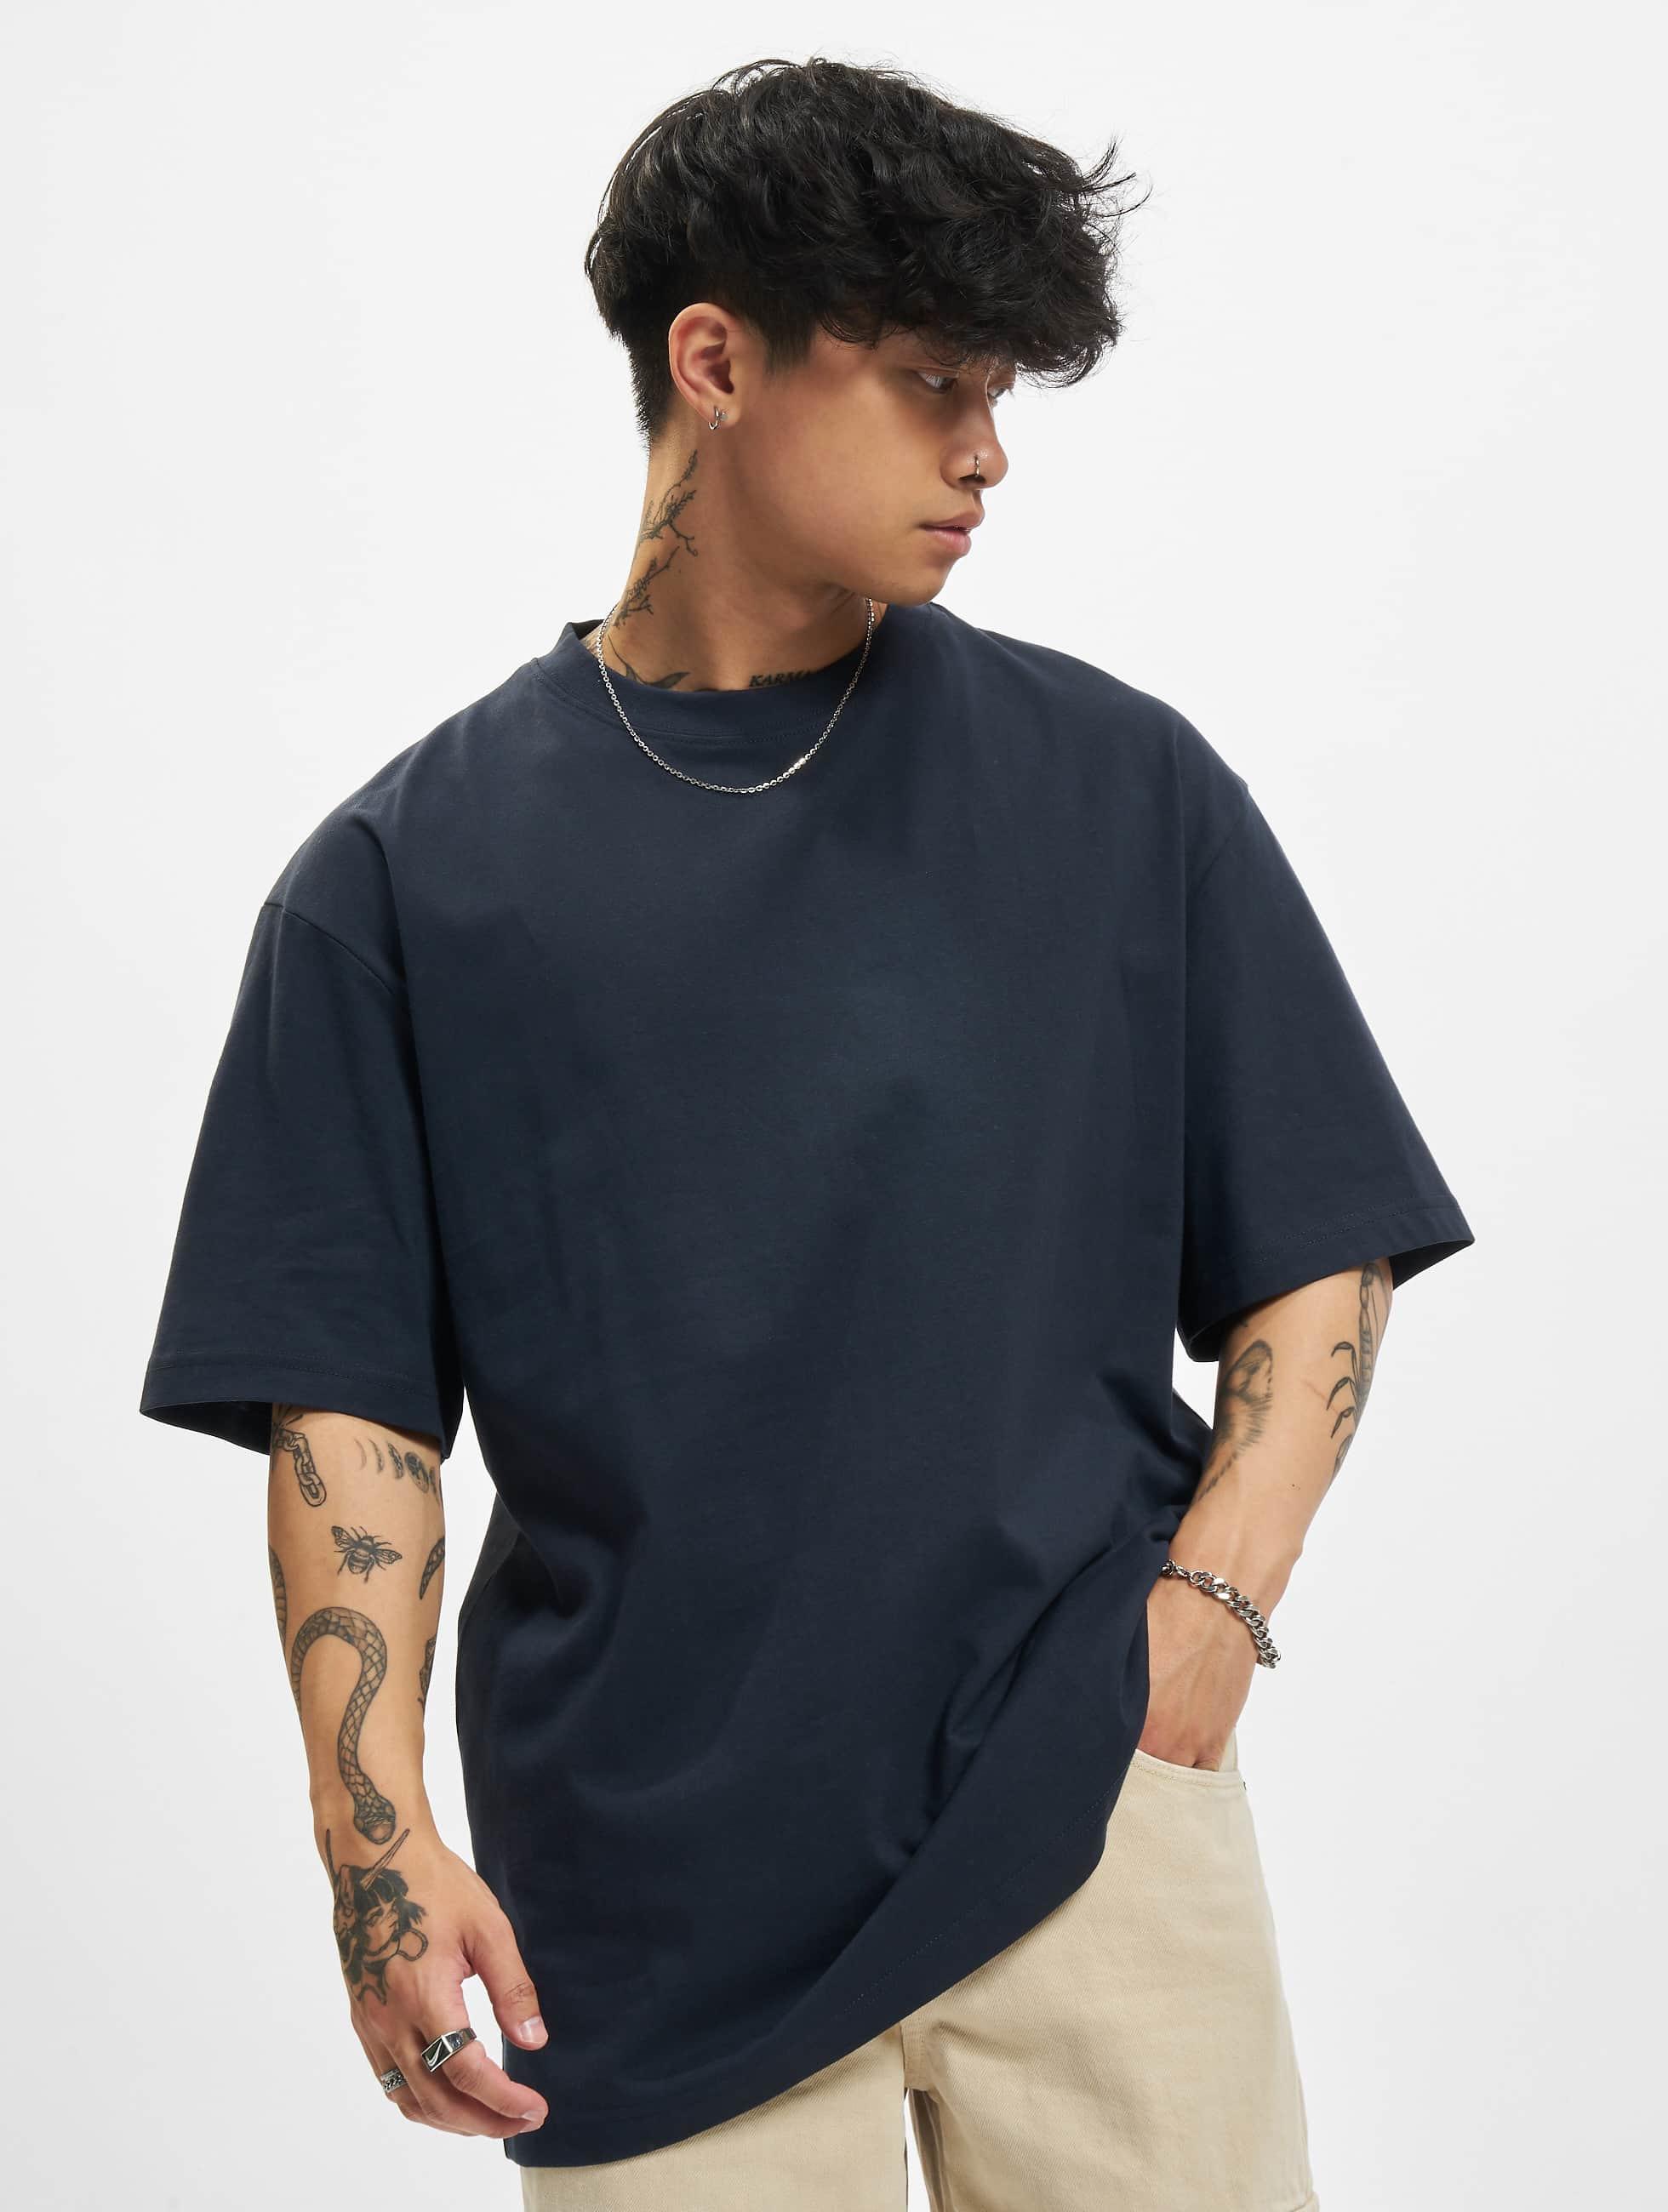 Urban Classics Tall Tees Tall Tee blau